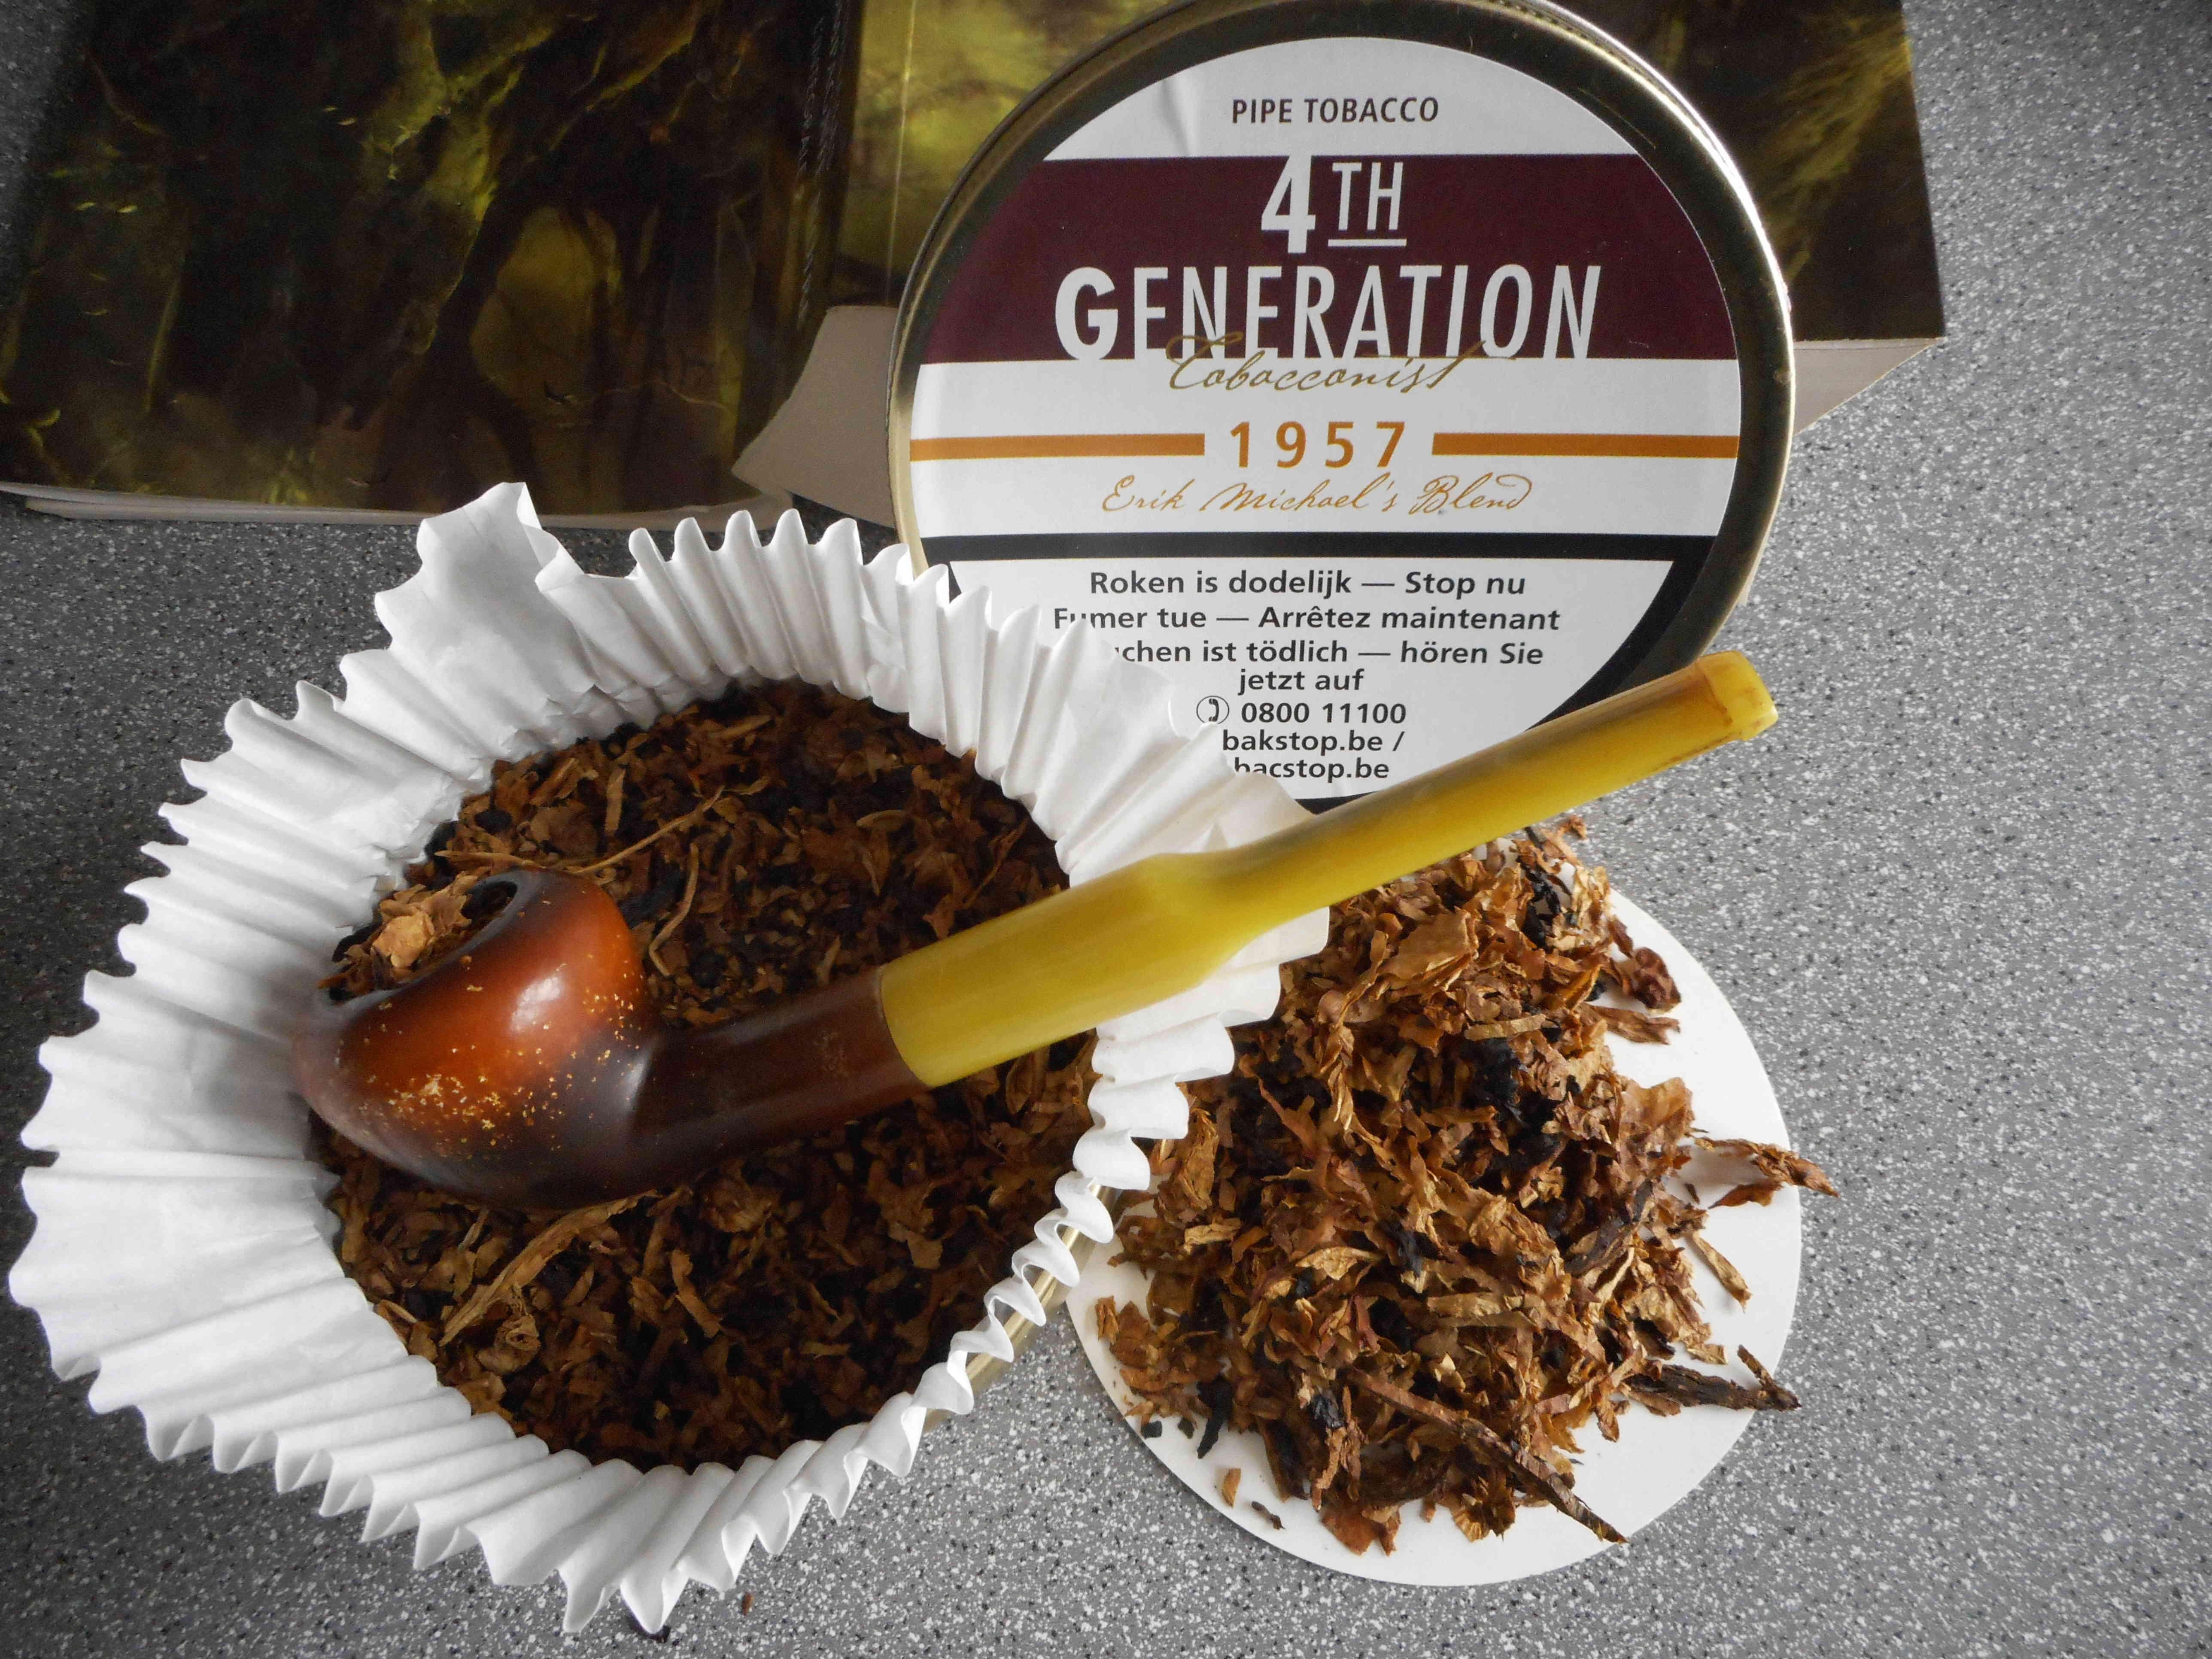 3 juin que fumez vous? Dscn1665